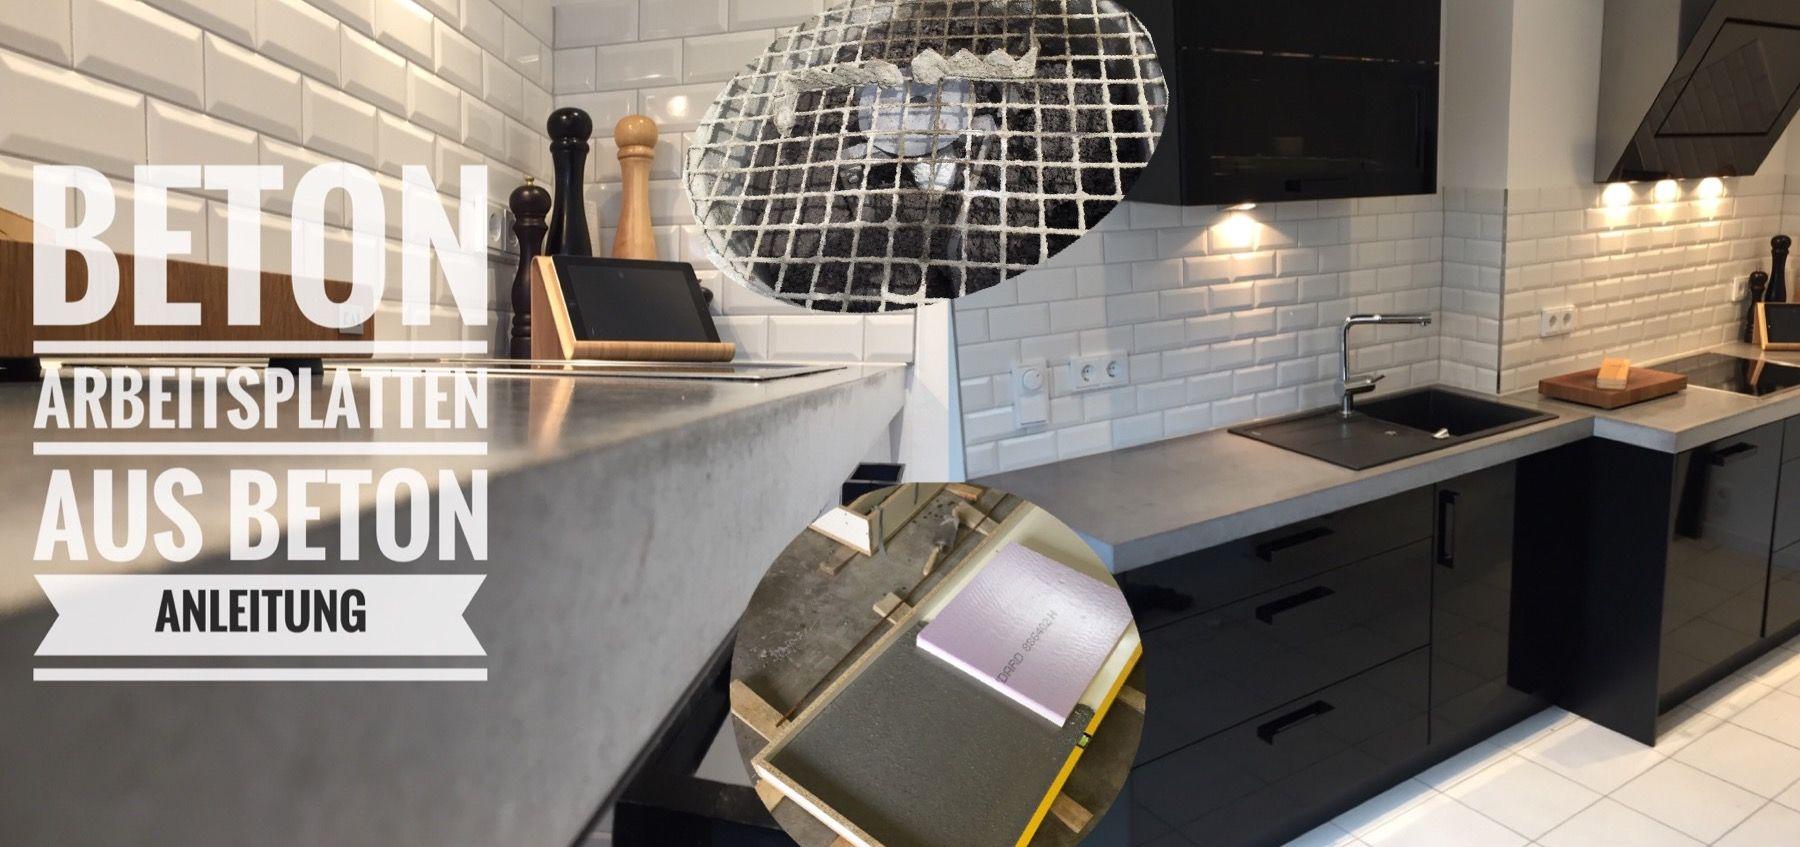 arbeitsplatten aus beton diy bigmeatlove k che arbeitsplatte k che und beton diy. Black Bedroom Furniture Sets. Home Design Ideas